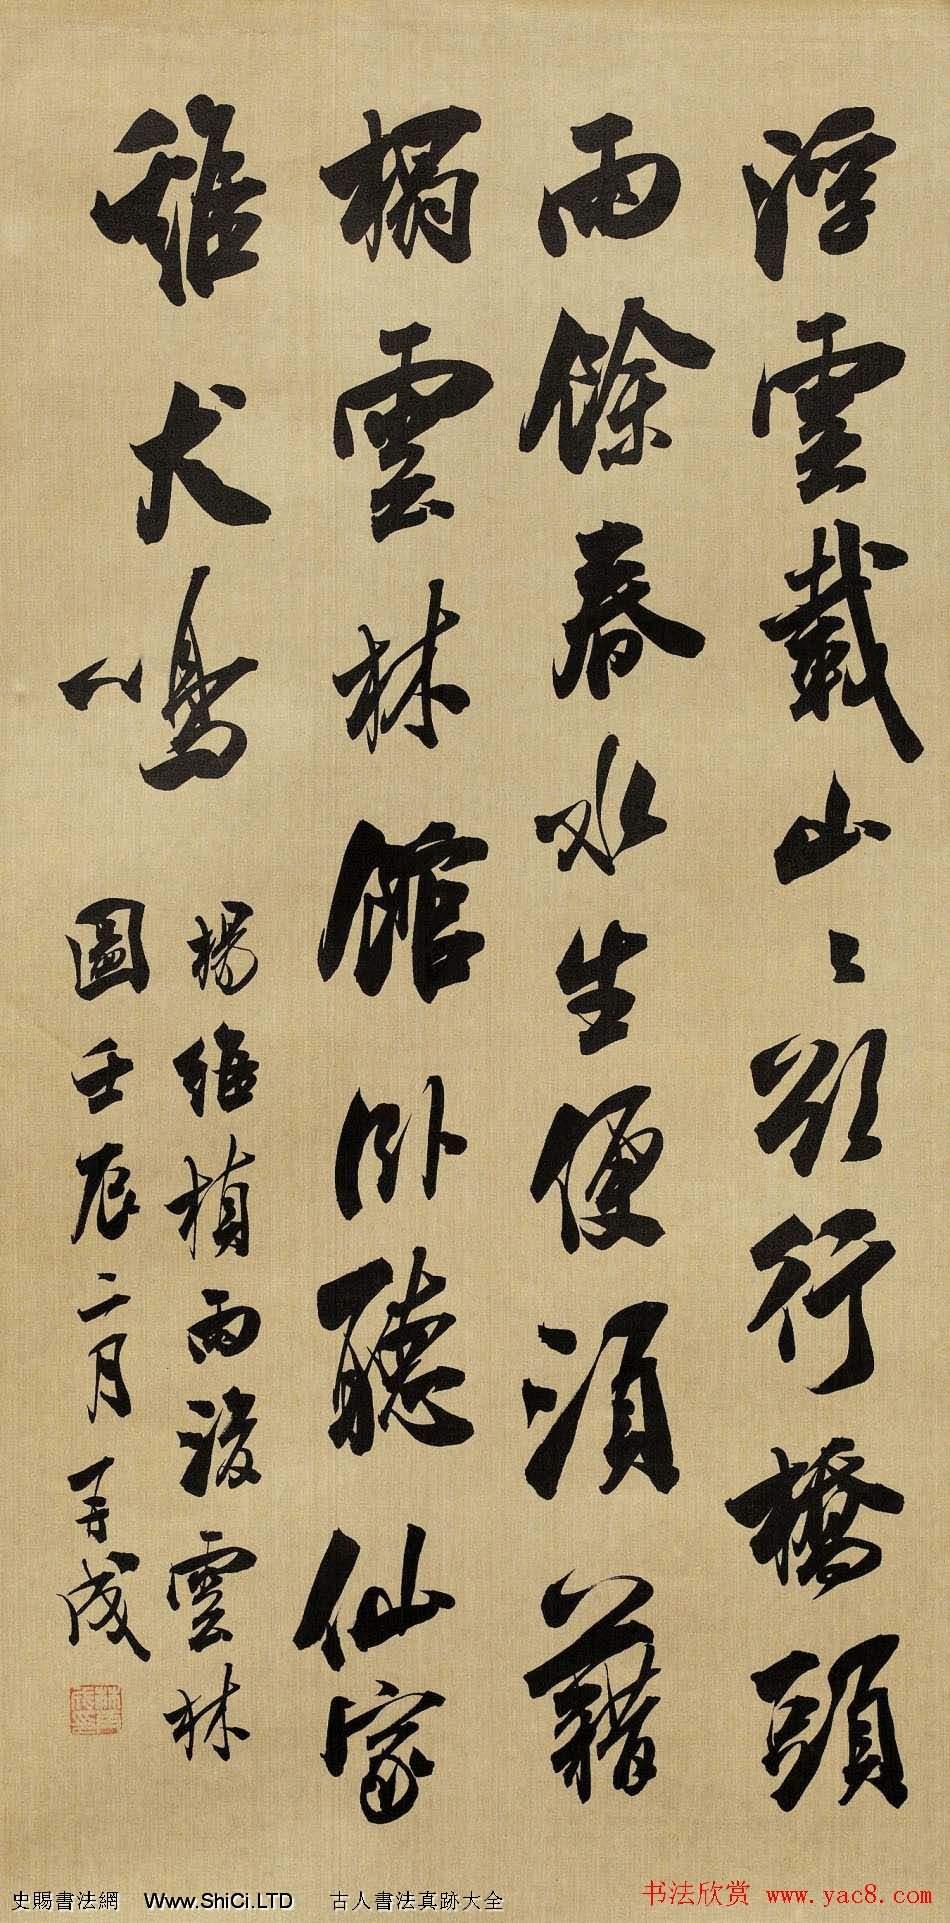 林再成毛筆書法作品欣賞高清大圖